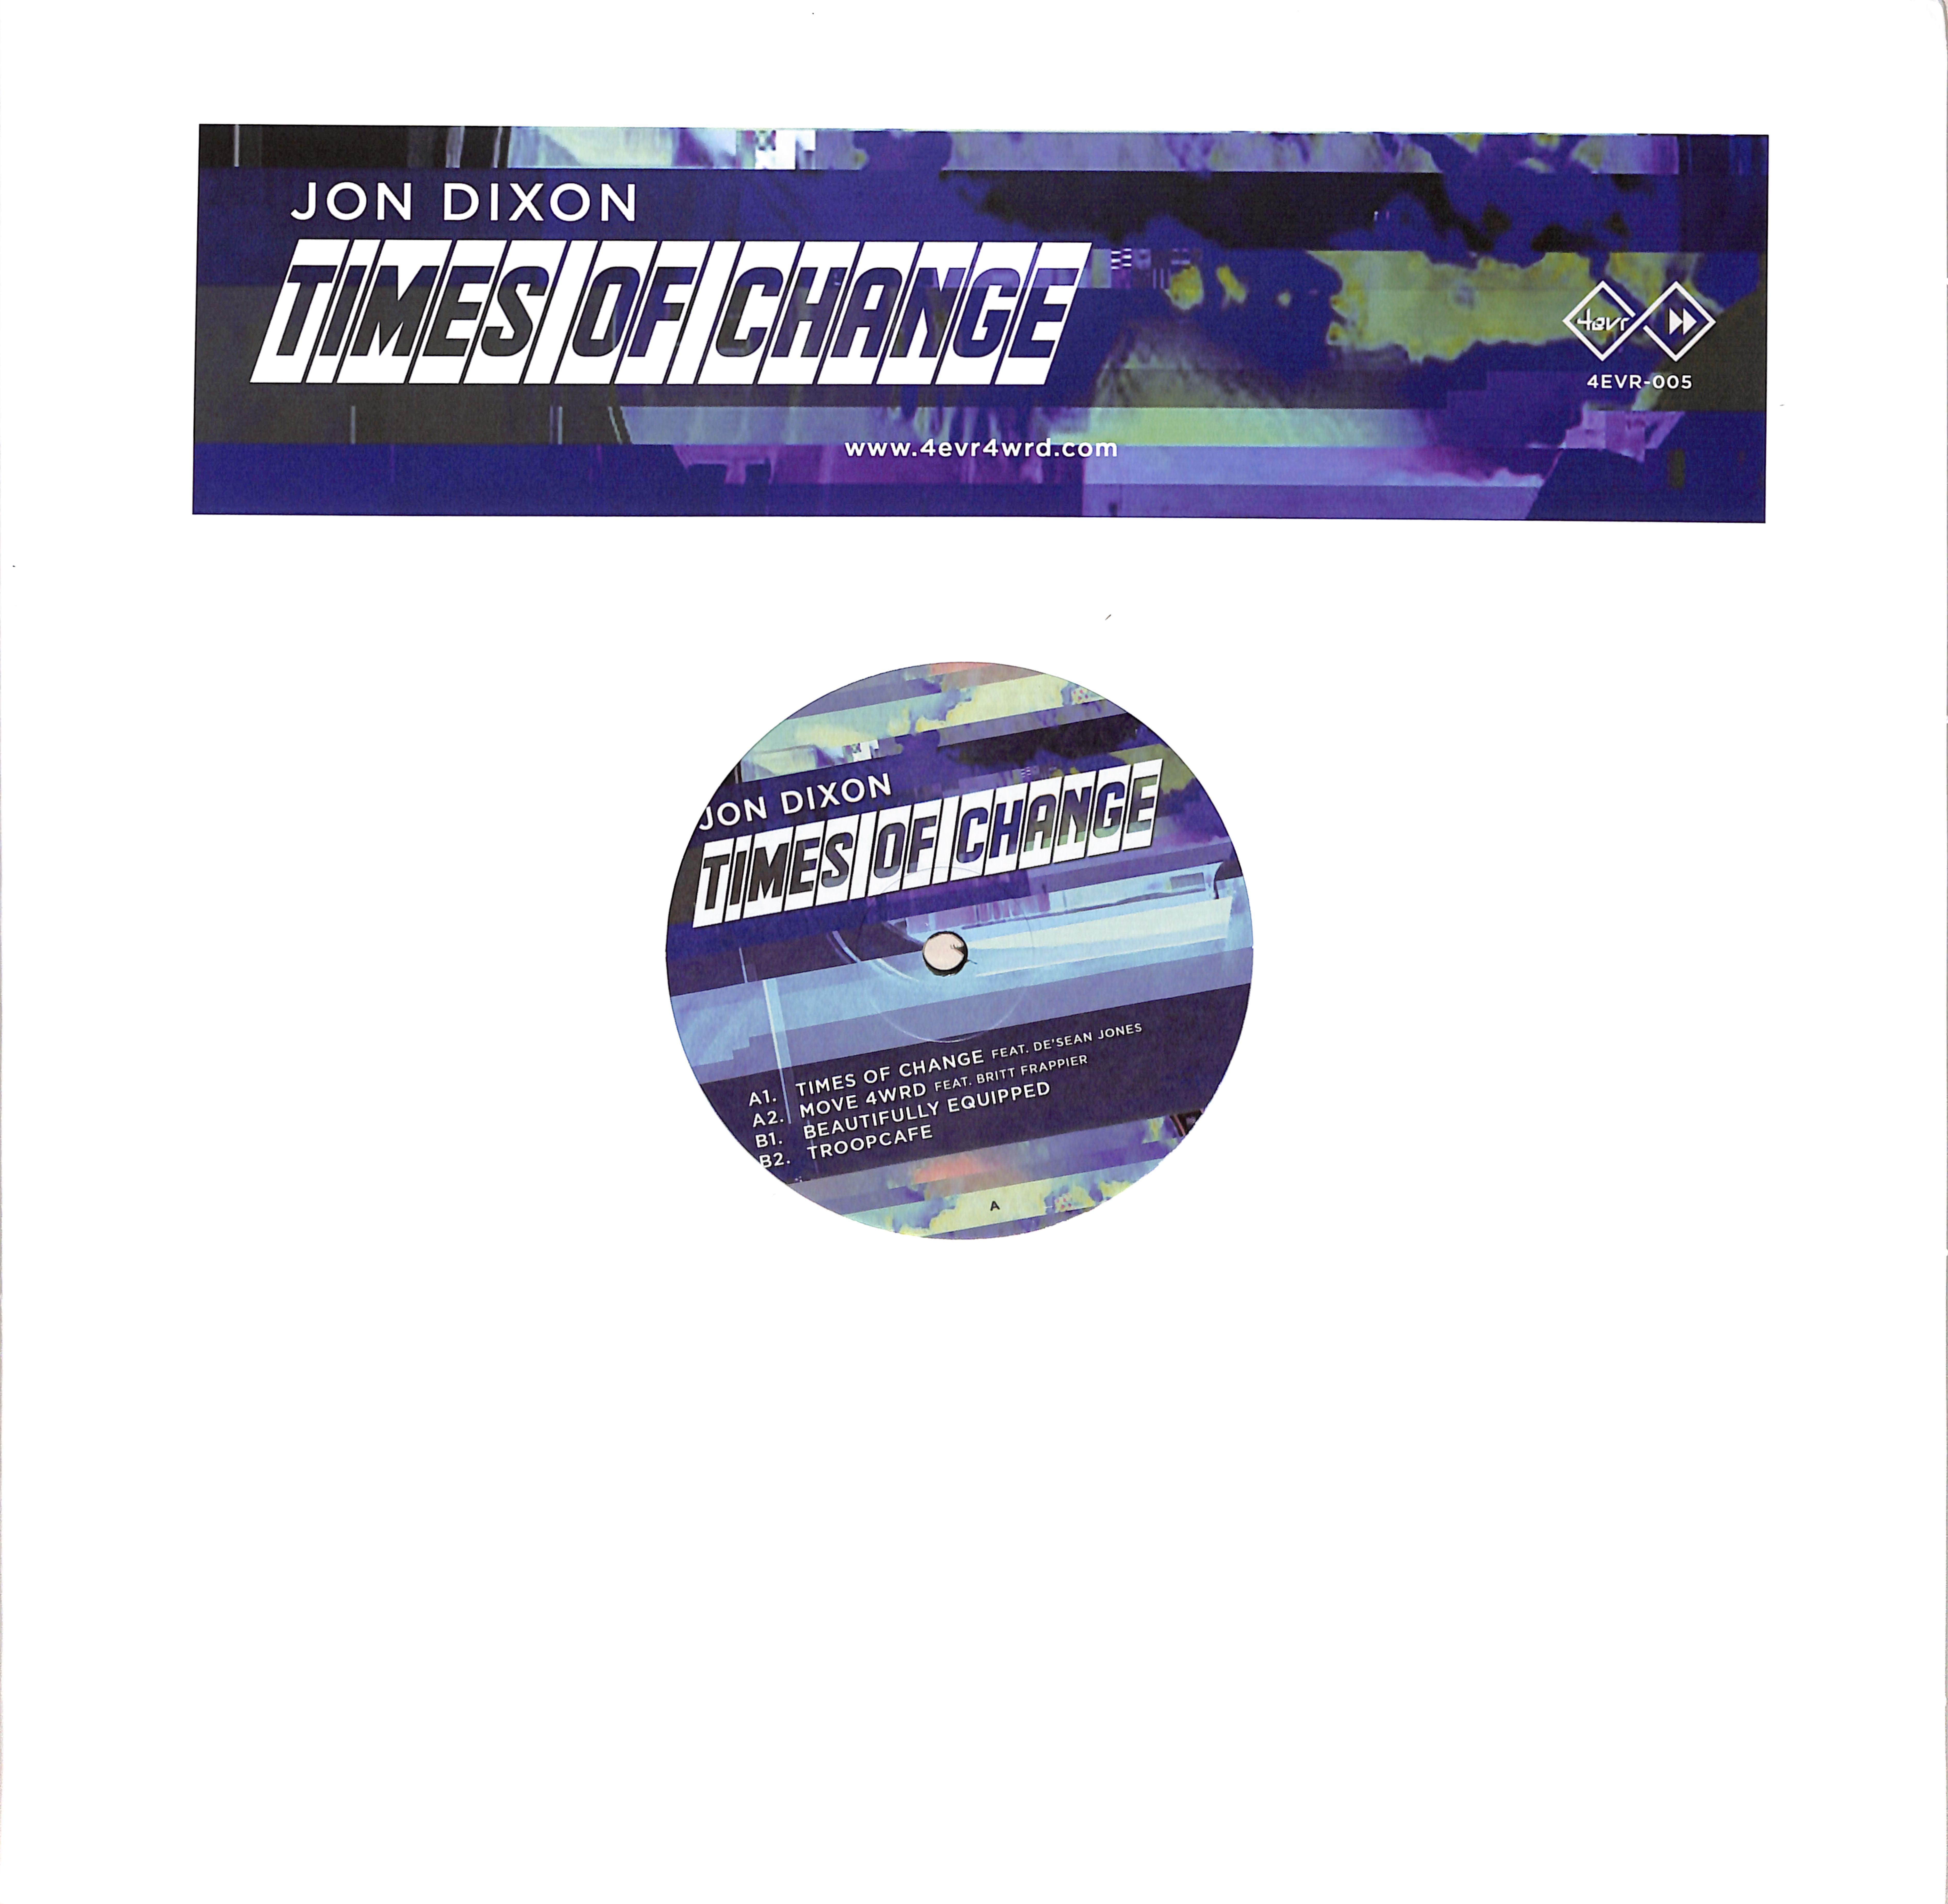 Jon Dixon - TIMES OF CHANGE